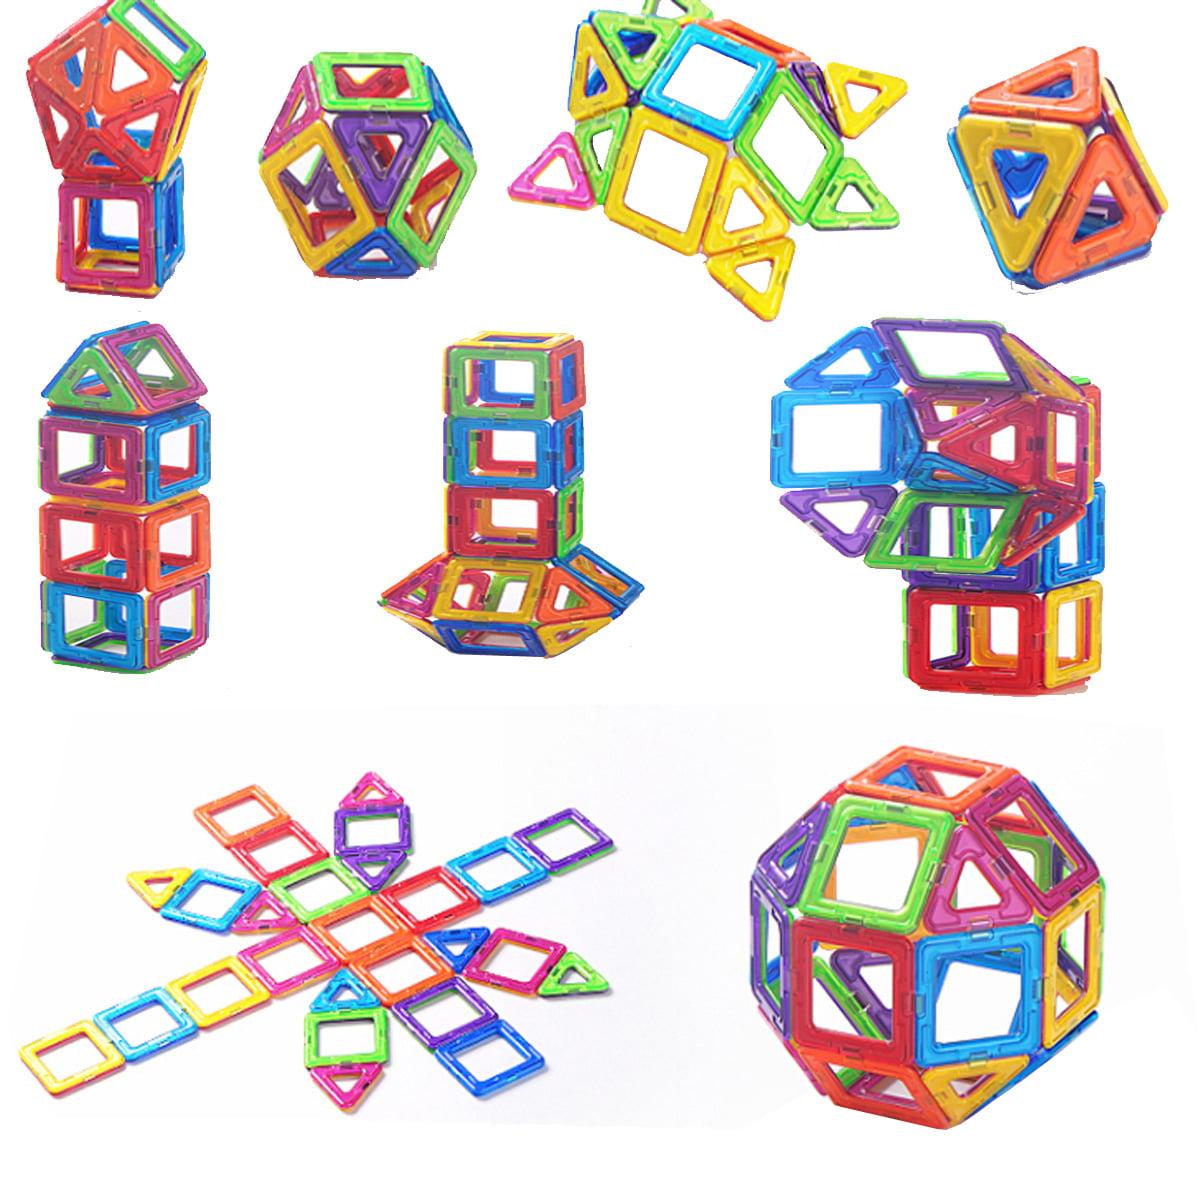 Enjoyable Mathematic toy MAGNETIC BLOCKS 158 Piece Stacking Blocks Set